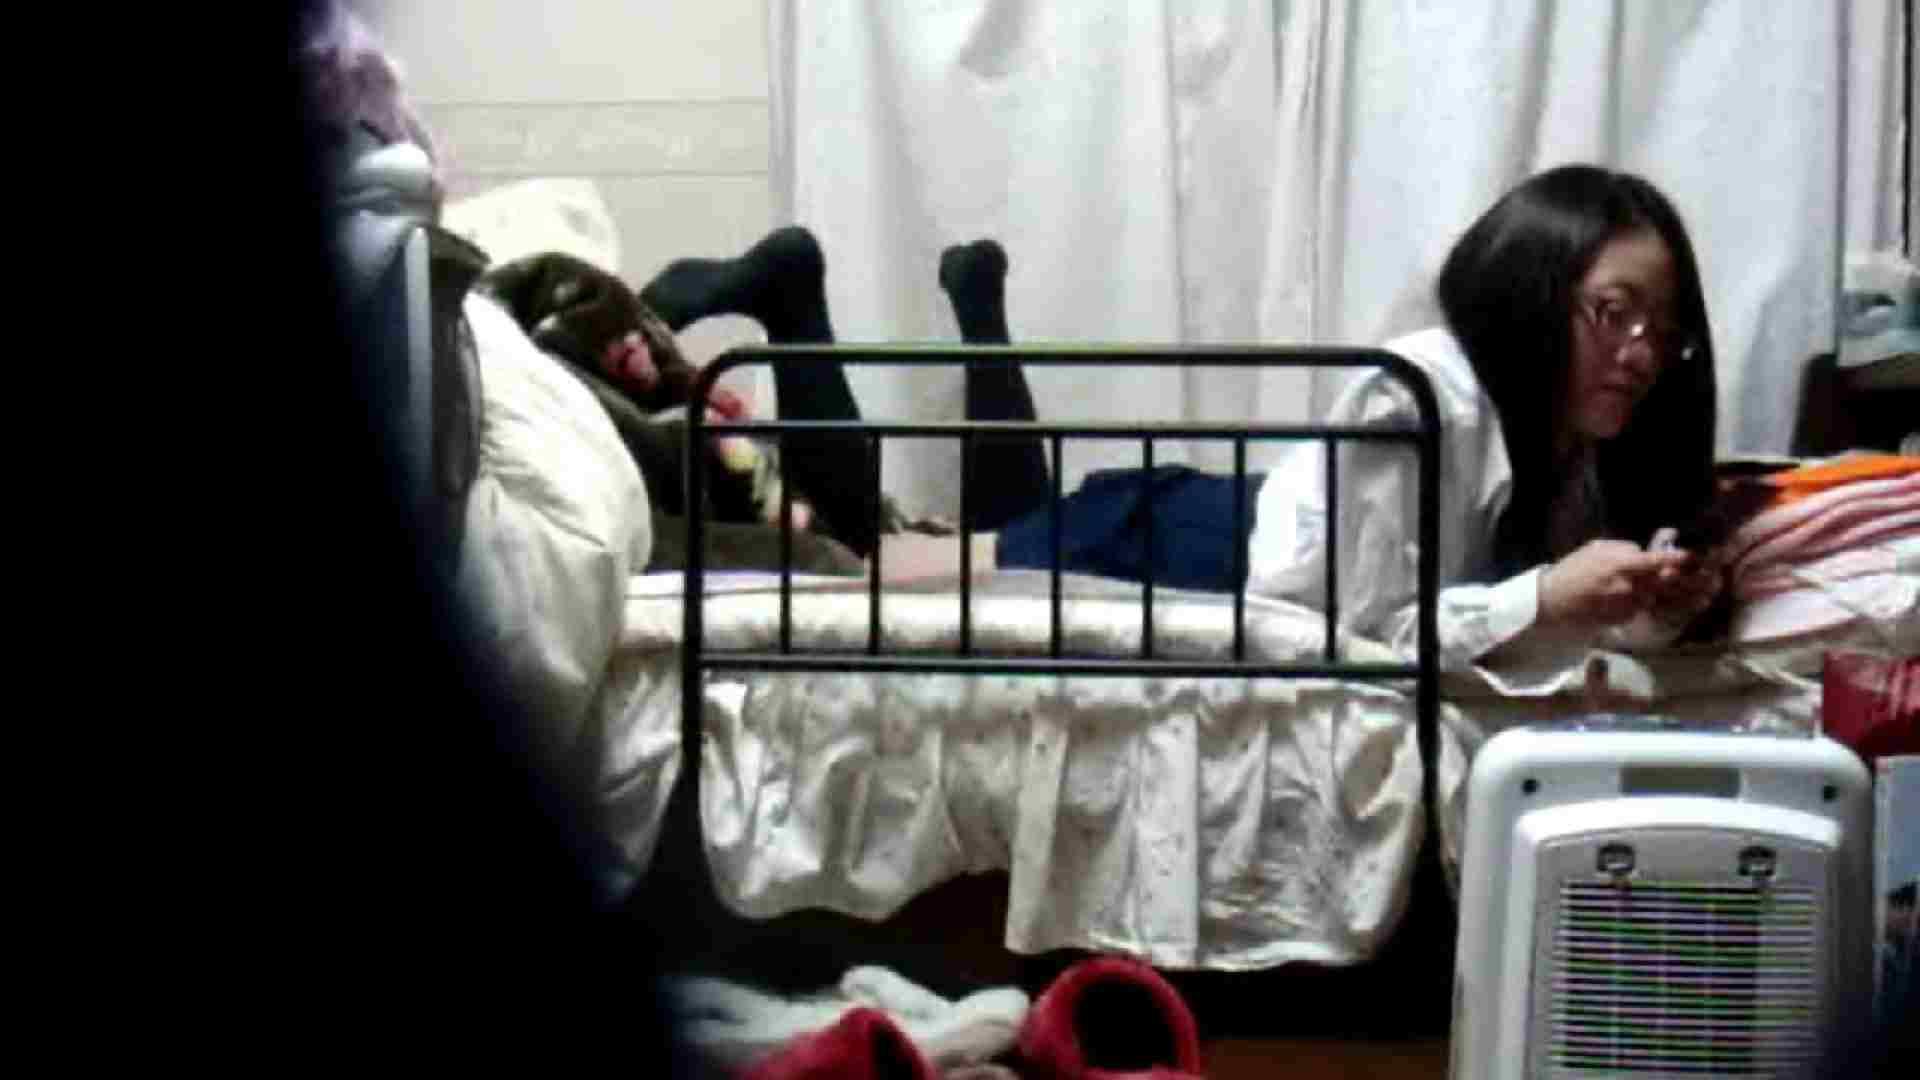 vol.4 まどかの帰宅後の部屋、ベッドで何かが始まります。 民家 SEX無修正画像 100画像 46